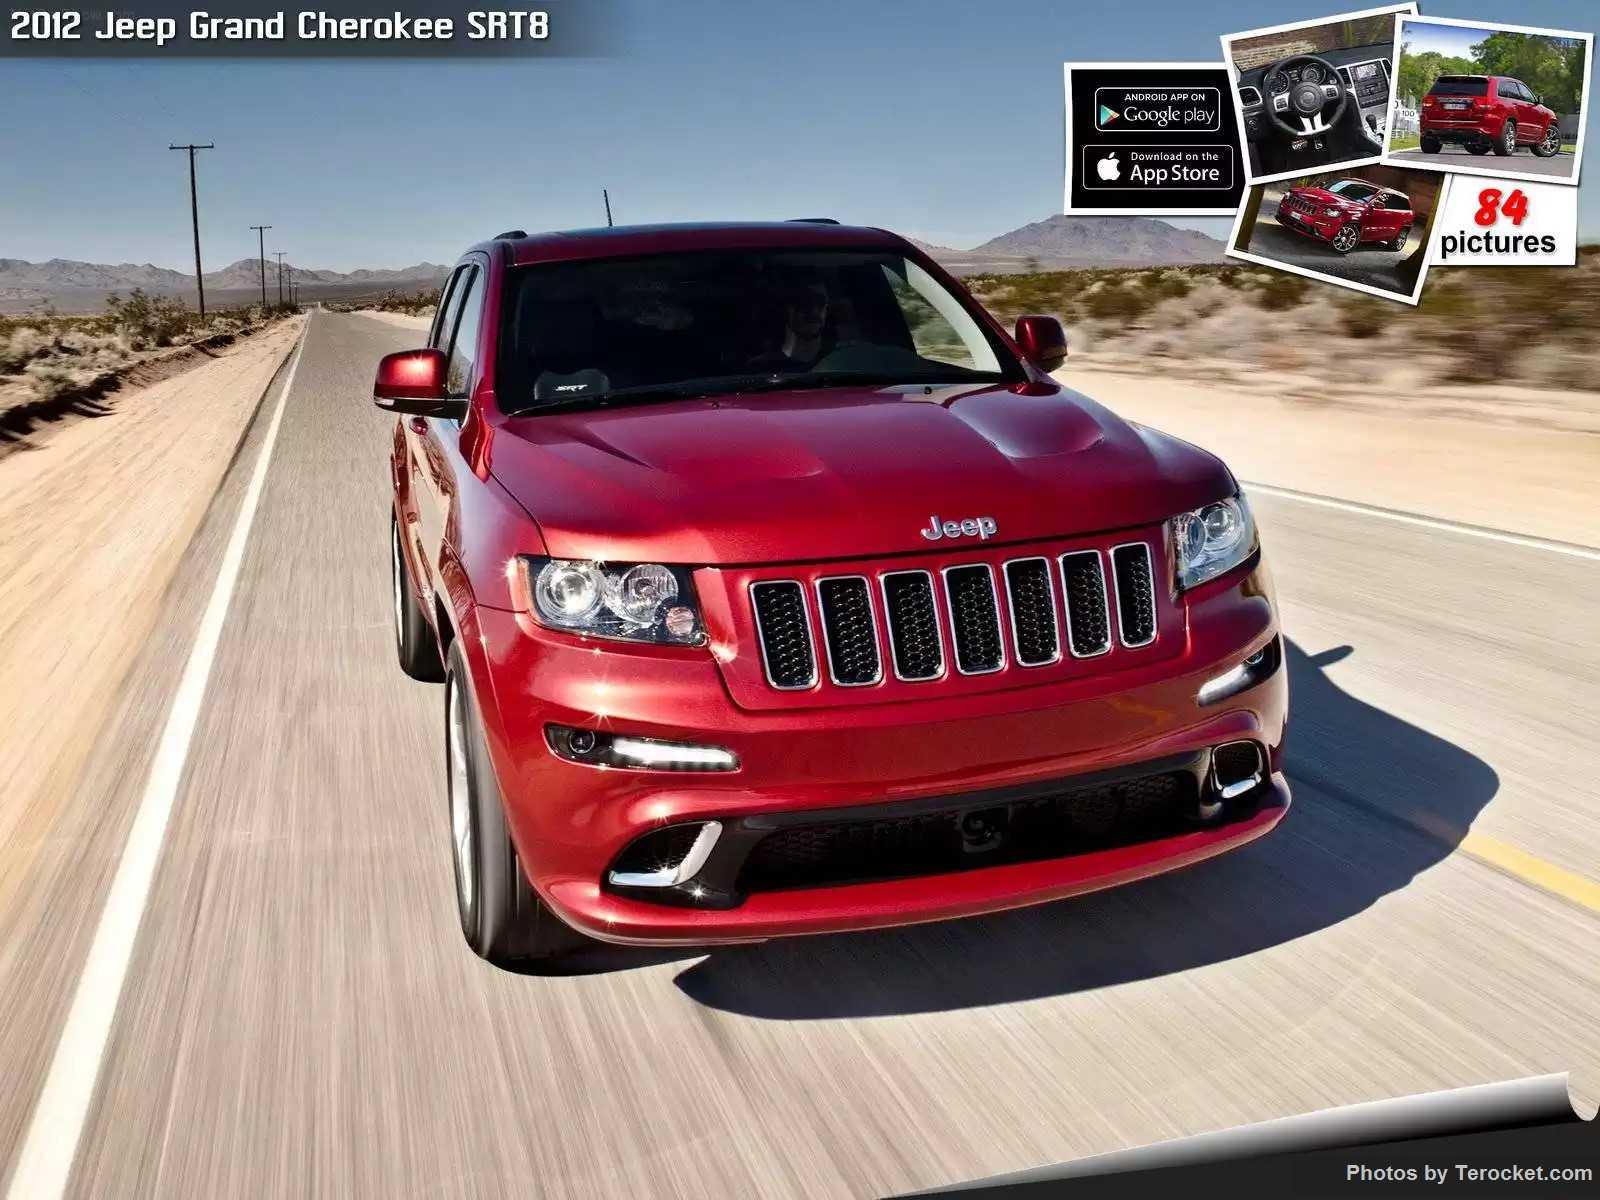 Hình ảnh xe ô tô Jeep Grand Cherokee SRT8 2012 & nội ngoại thất